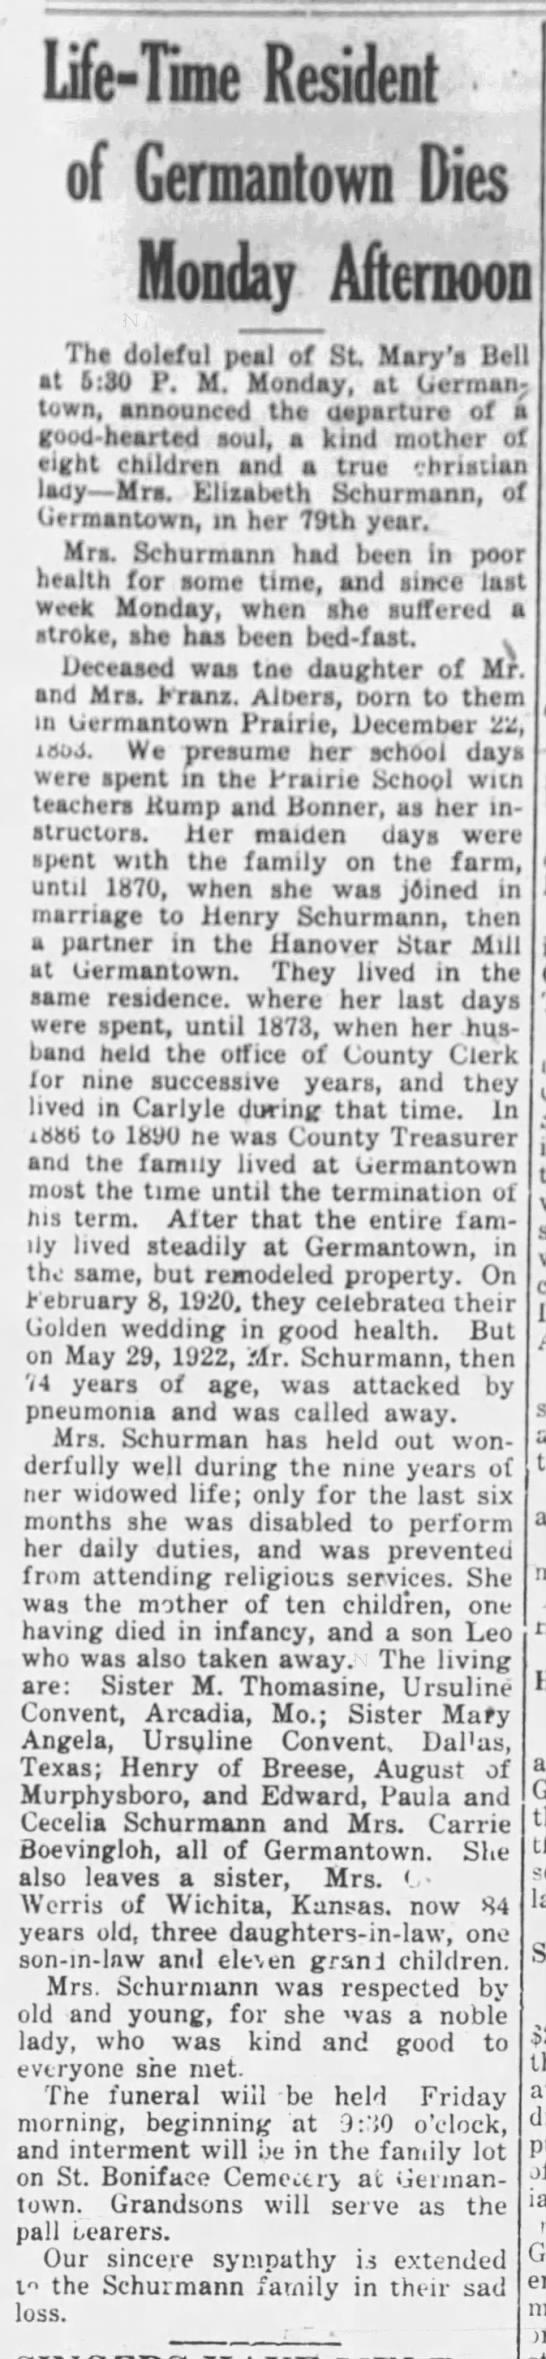 Germantown resident dies -